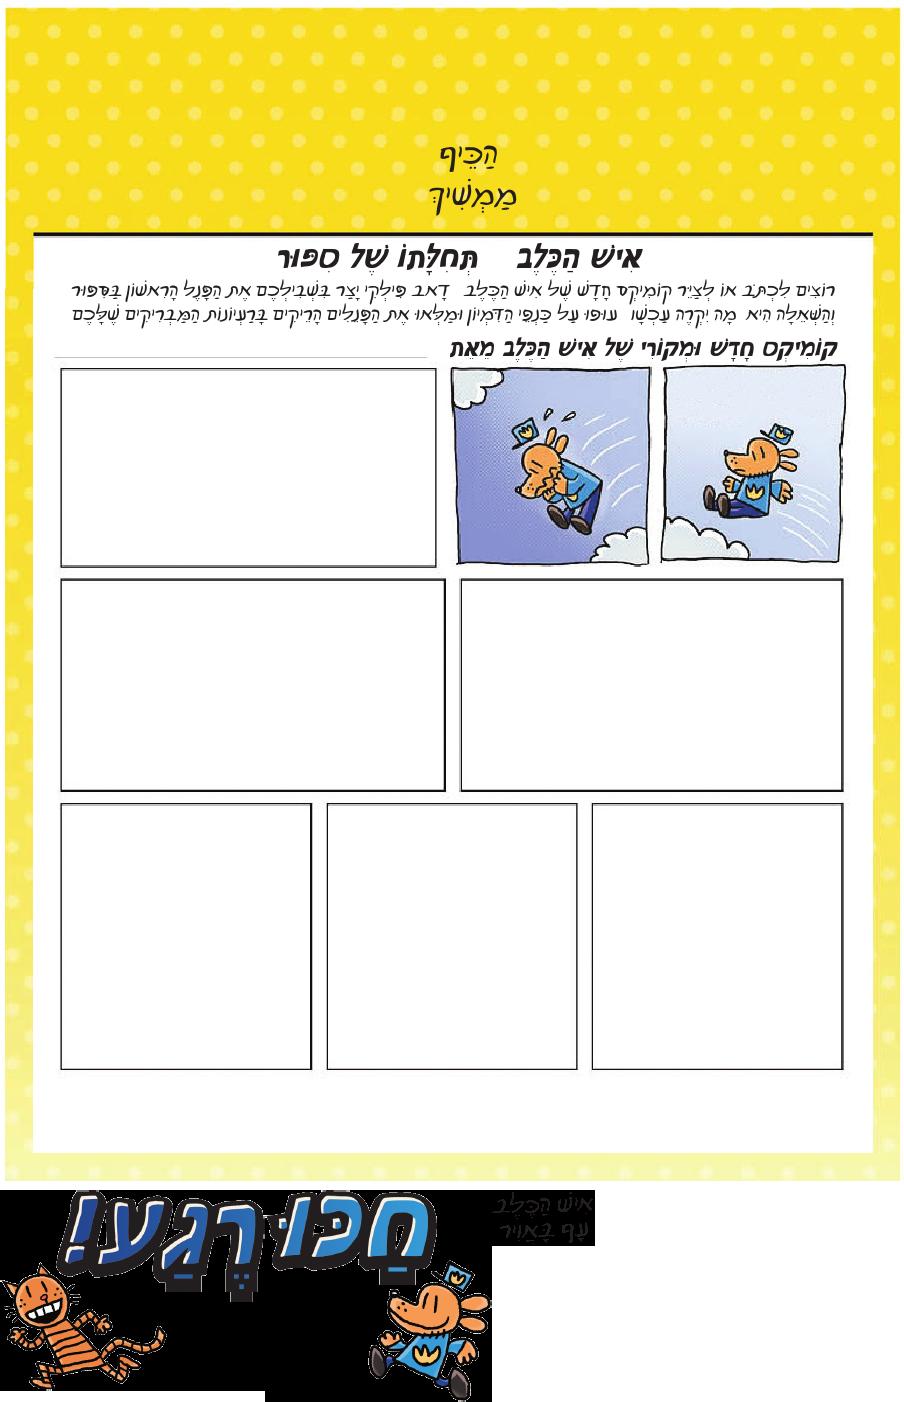 צרו את סיפור הקומיקס שלכם 4 - איש הכלב - כנרת זמורה ביתן